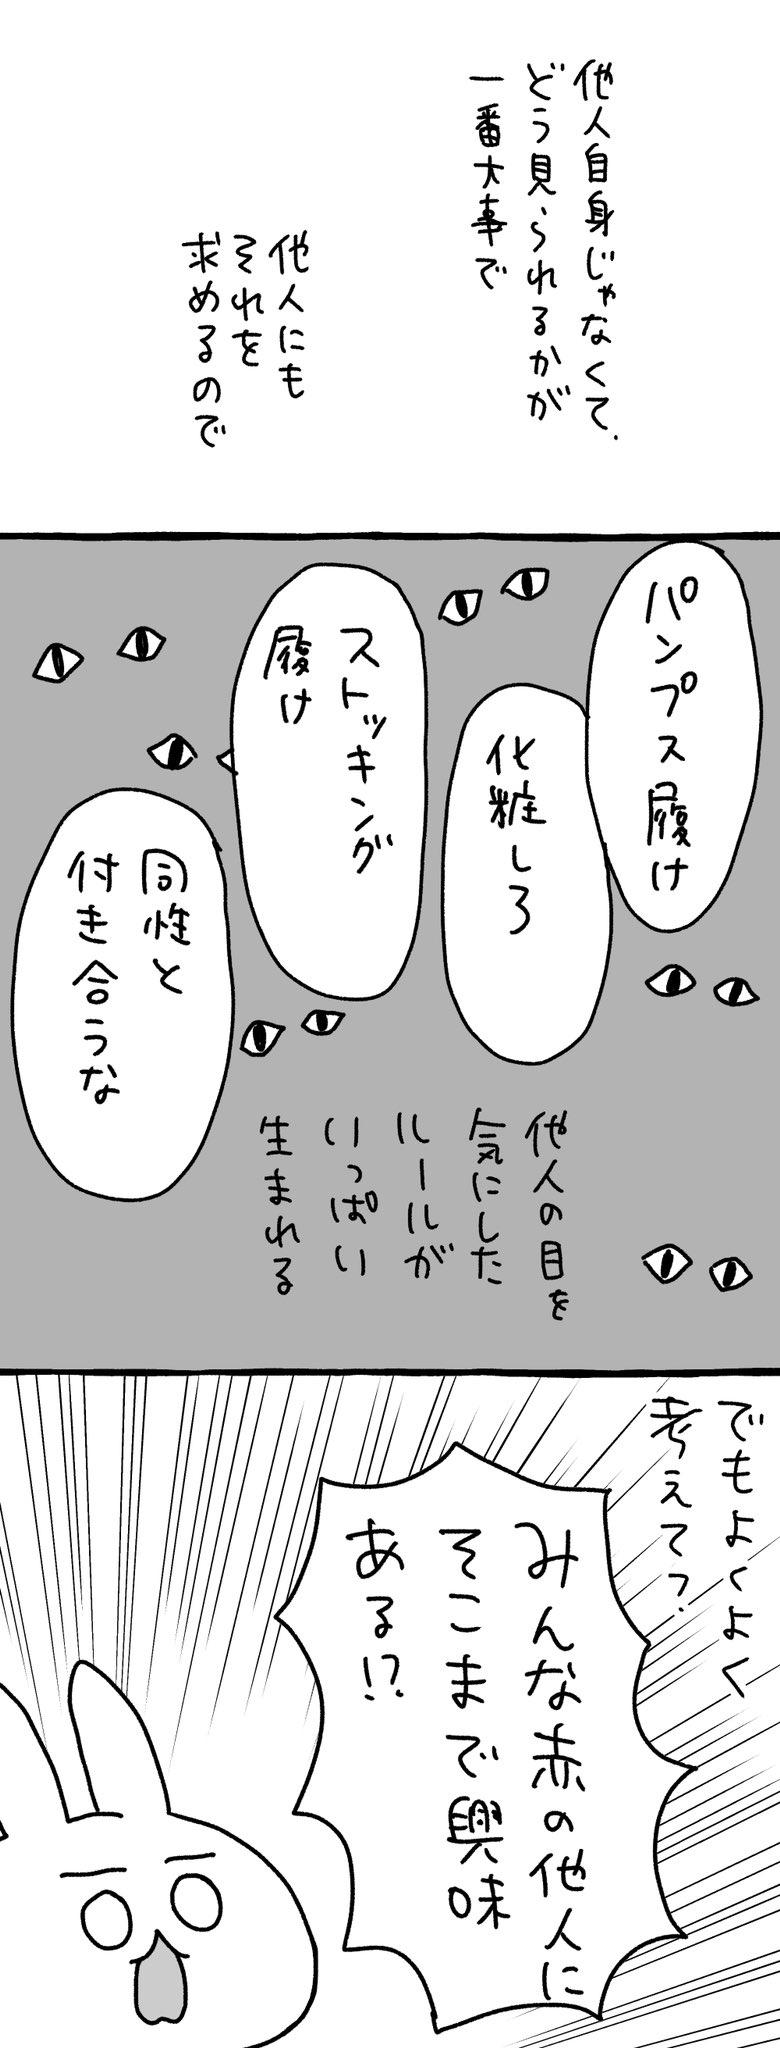 今の日本ってまさにコレ!他人のことなんて実際どうでも良いのでは…